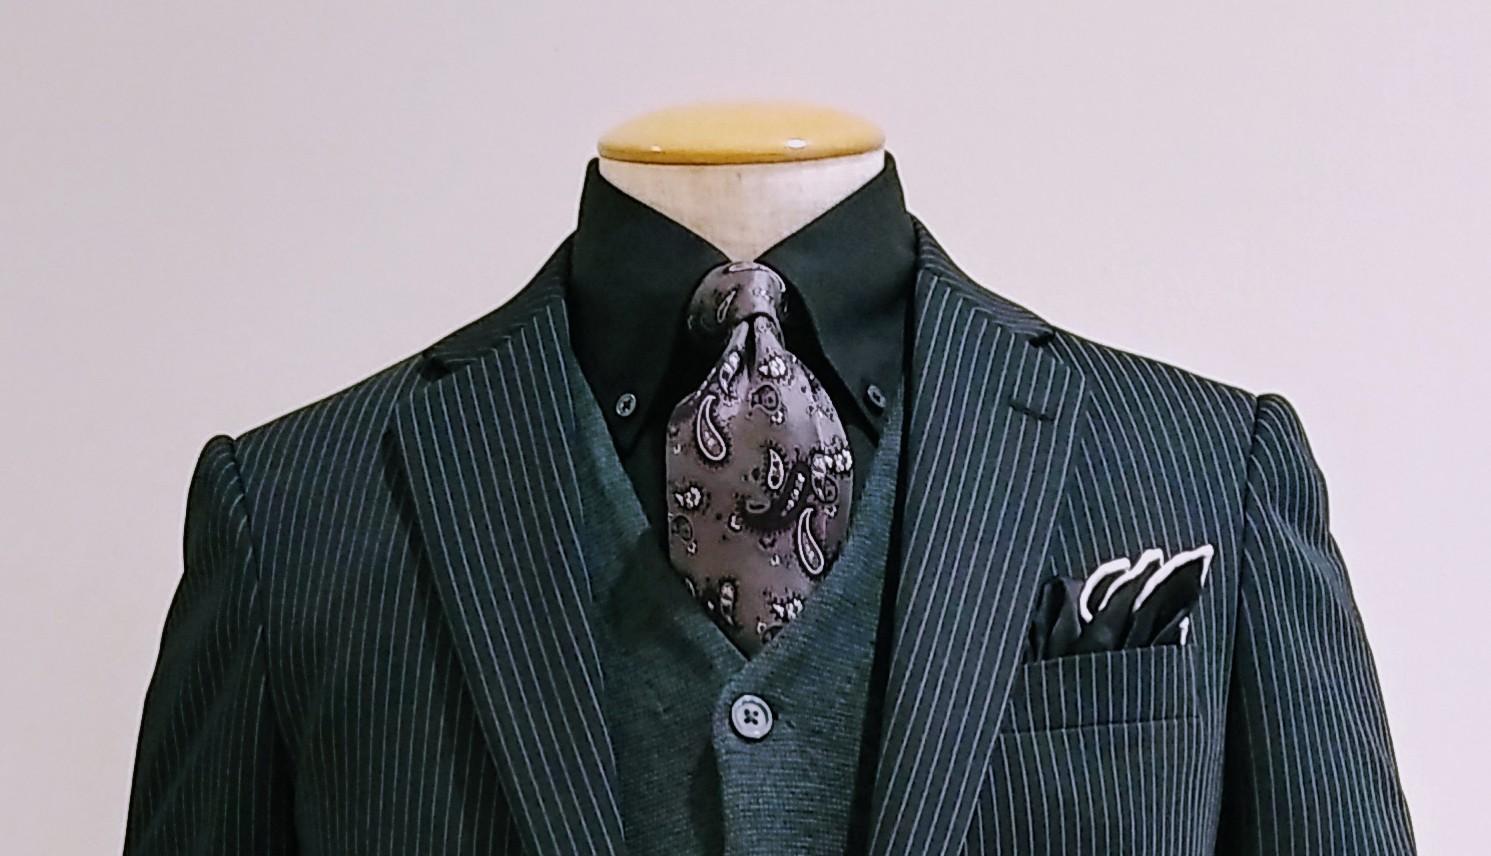 成人式の着こなしをお悩みの方へ『成人式スタイルガイド』SUITS&SUITS京都ファミリー店